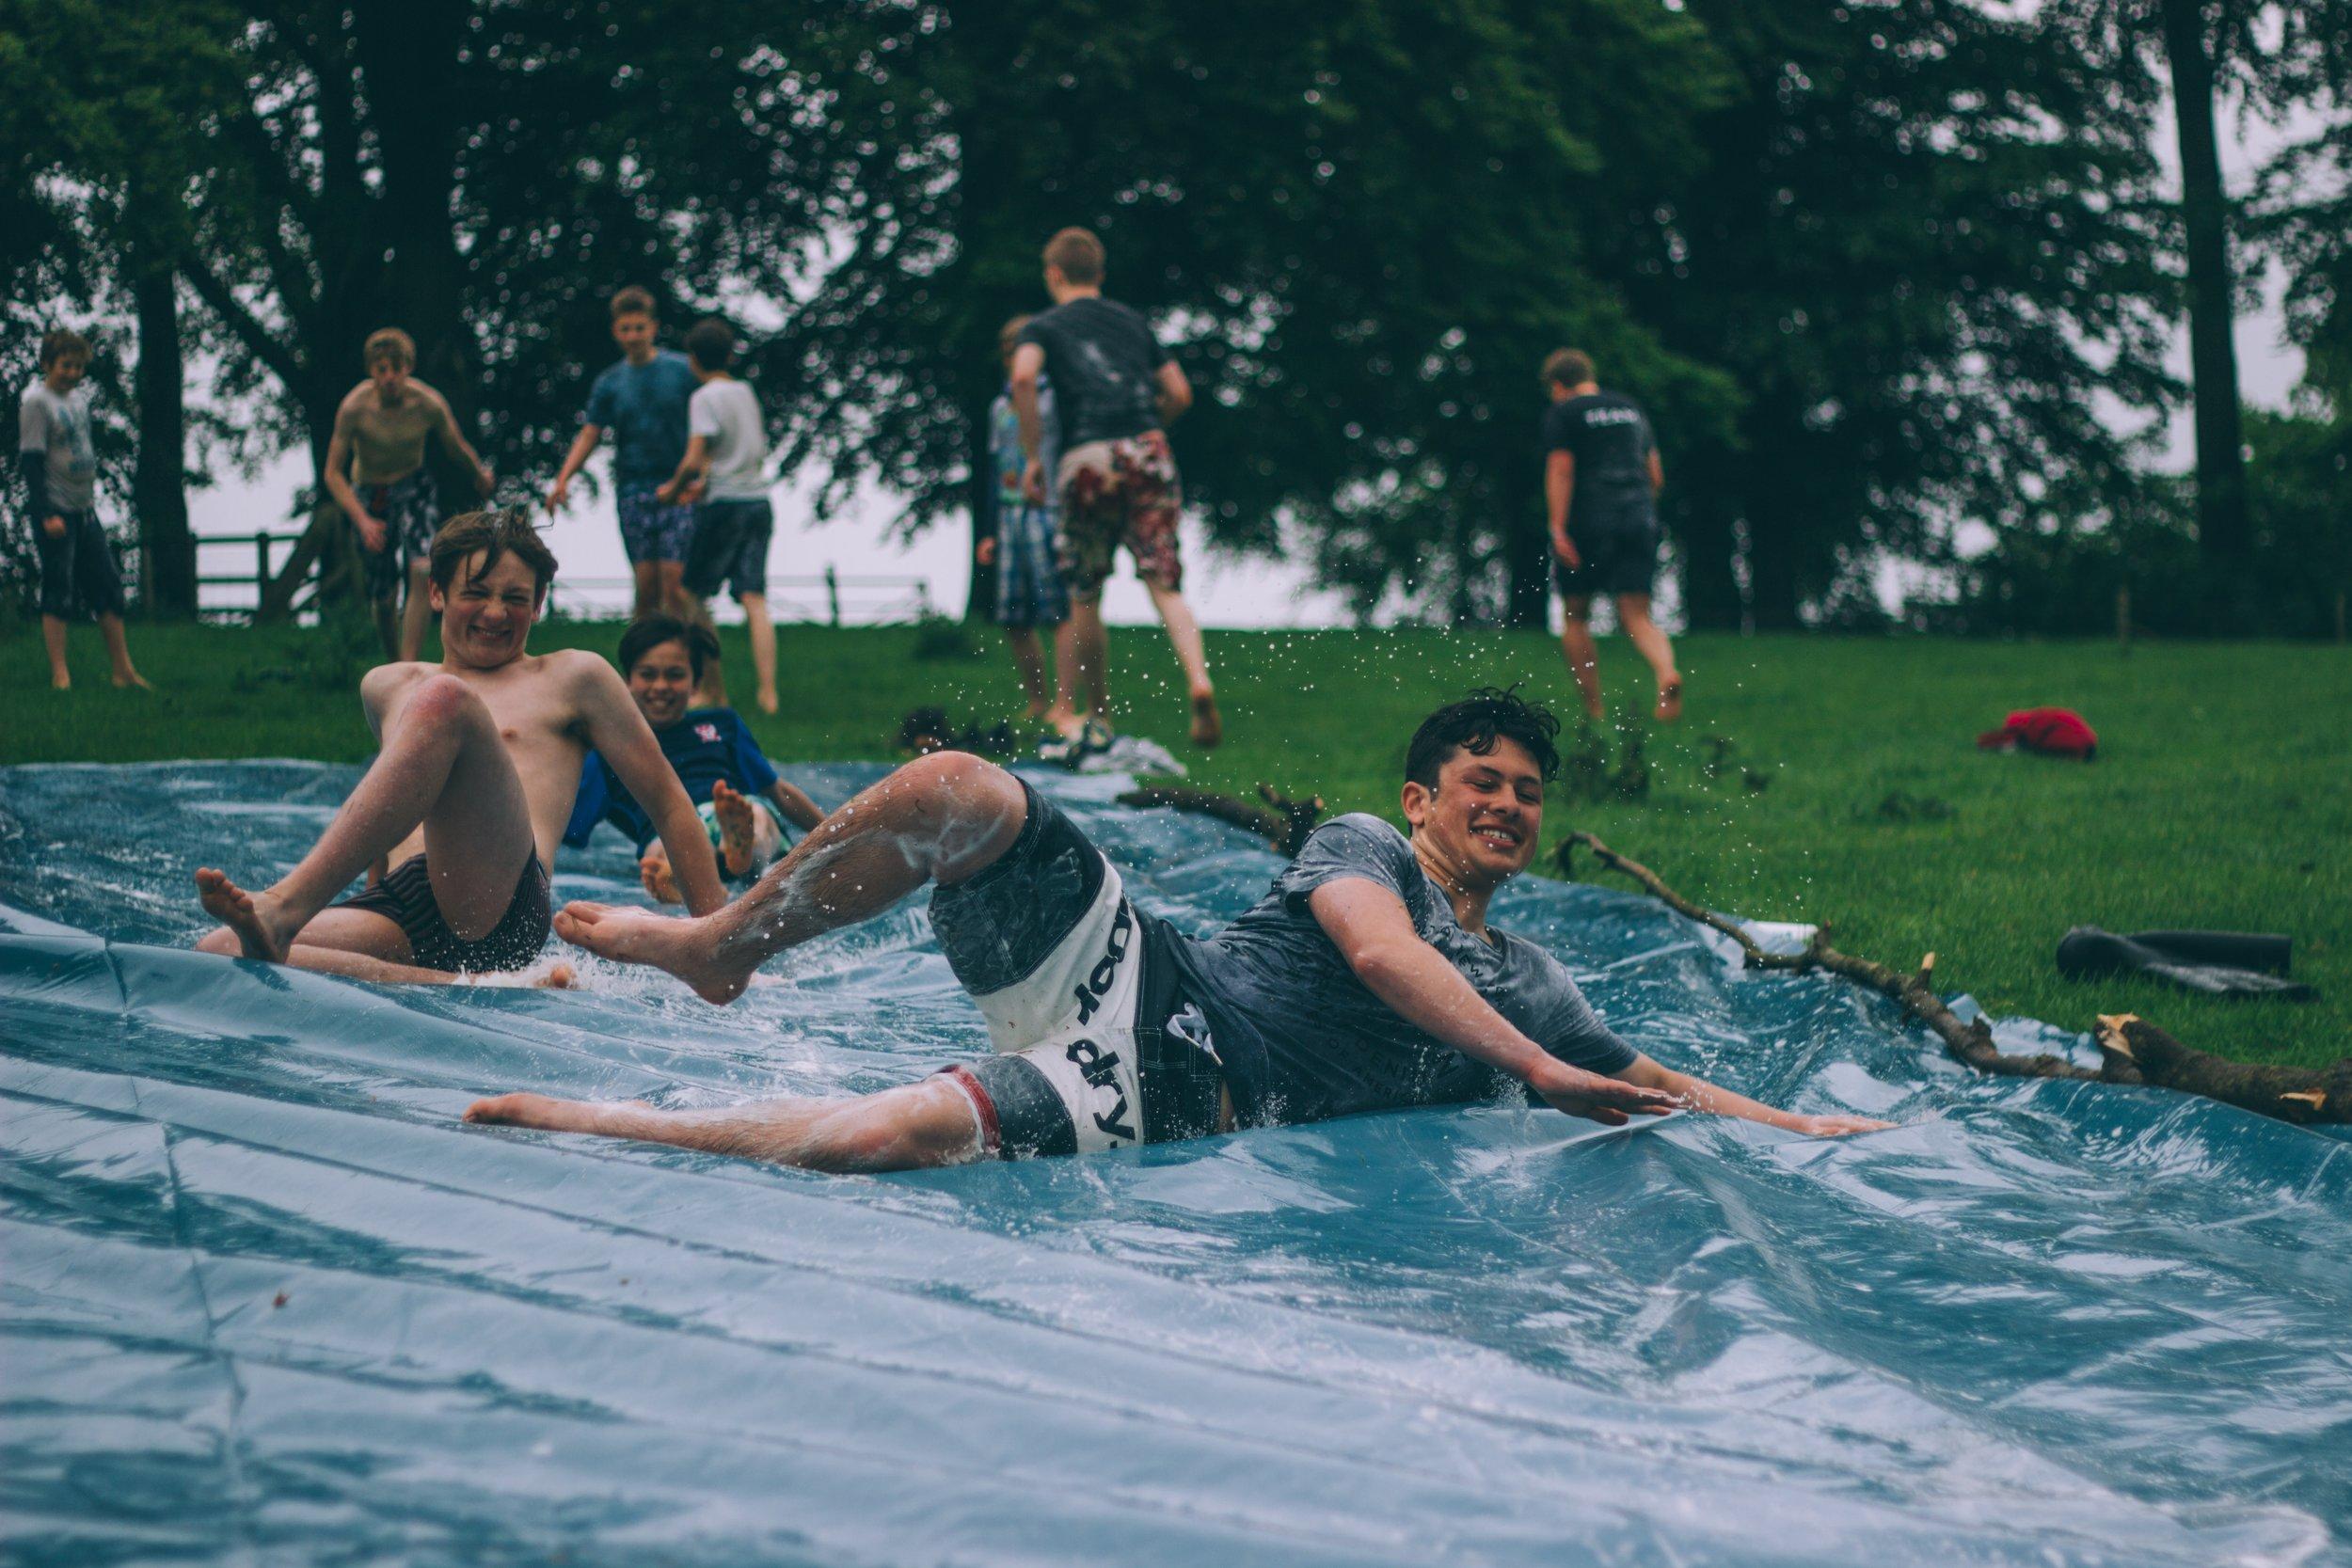 lynchburg-fun-summer